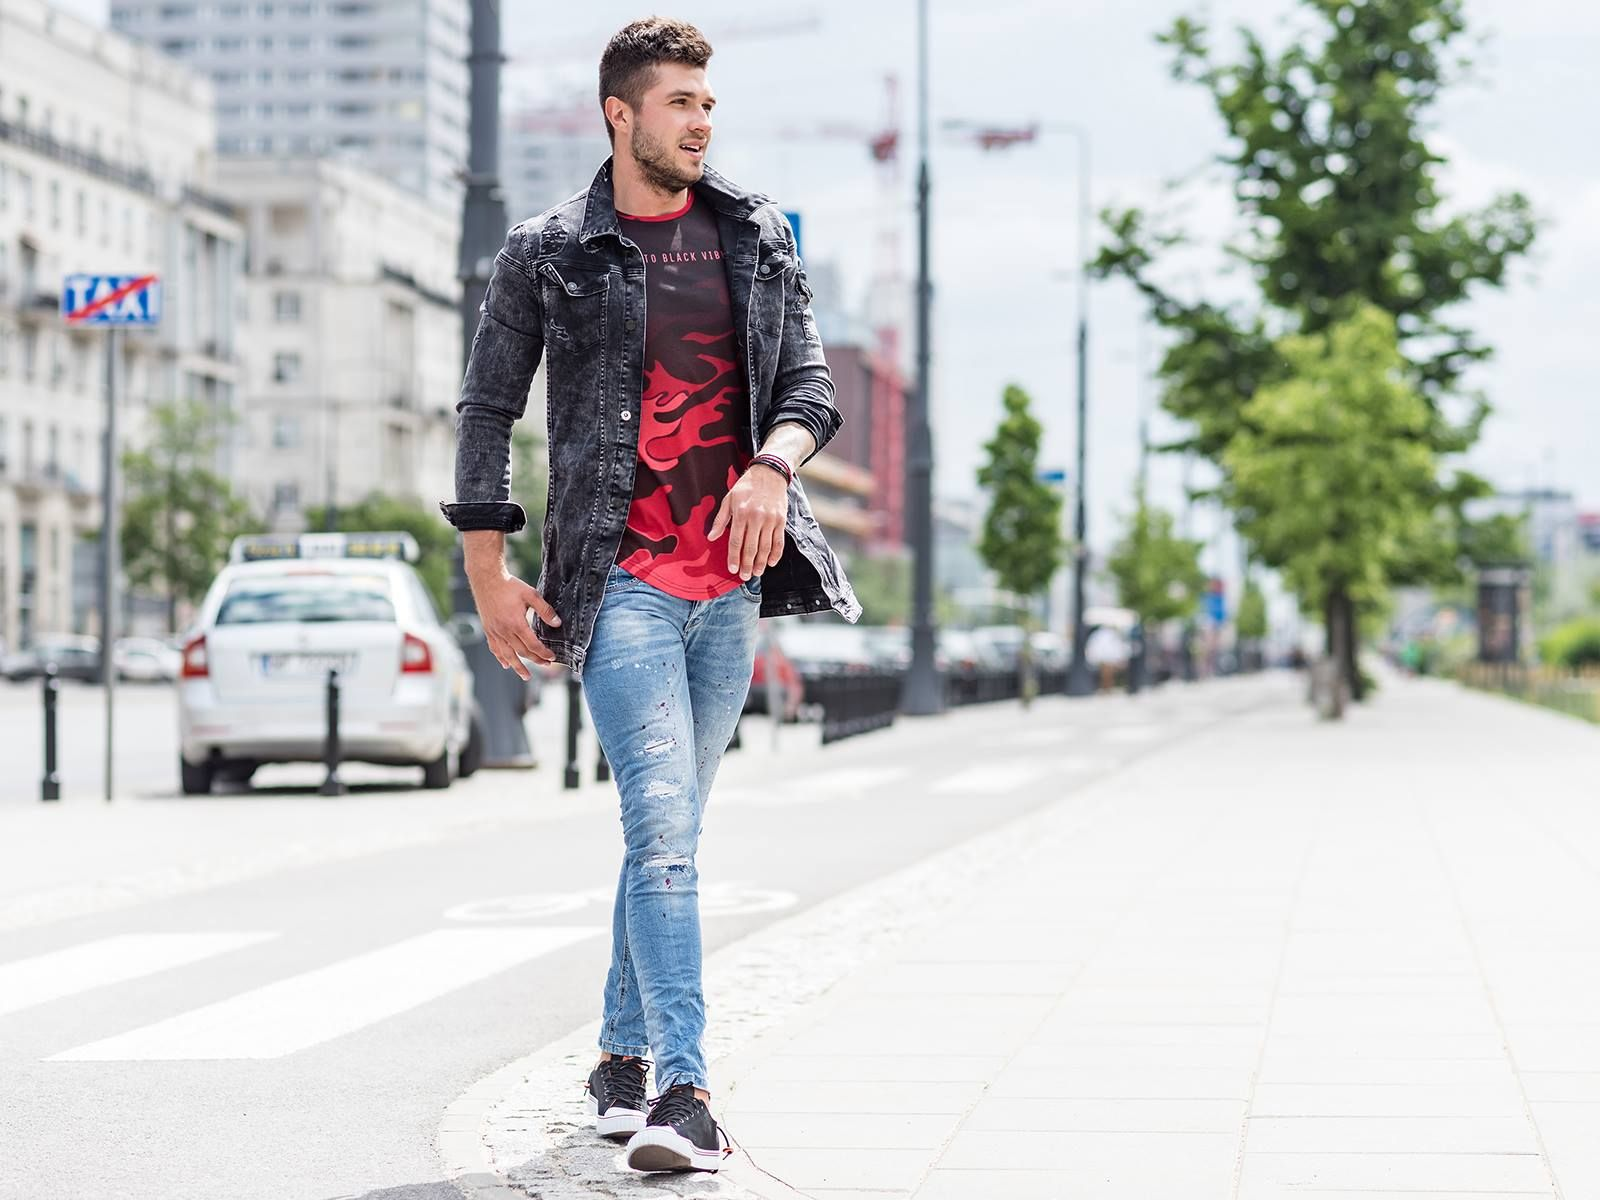 Dzisiejszy Look Z Bartek Krukowski Xkrukix Kurtka 139 99zl Bit Ly Ozoneepl 474kb T Shirt 49 99zl Bit Ly Ozoneepl 540btr Bomber Jacket Jackets Fashion